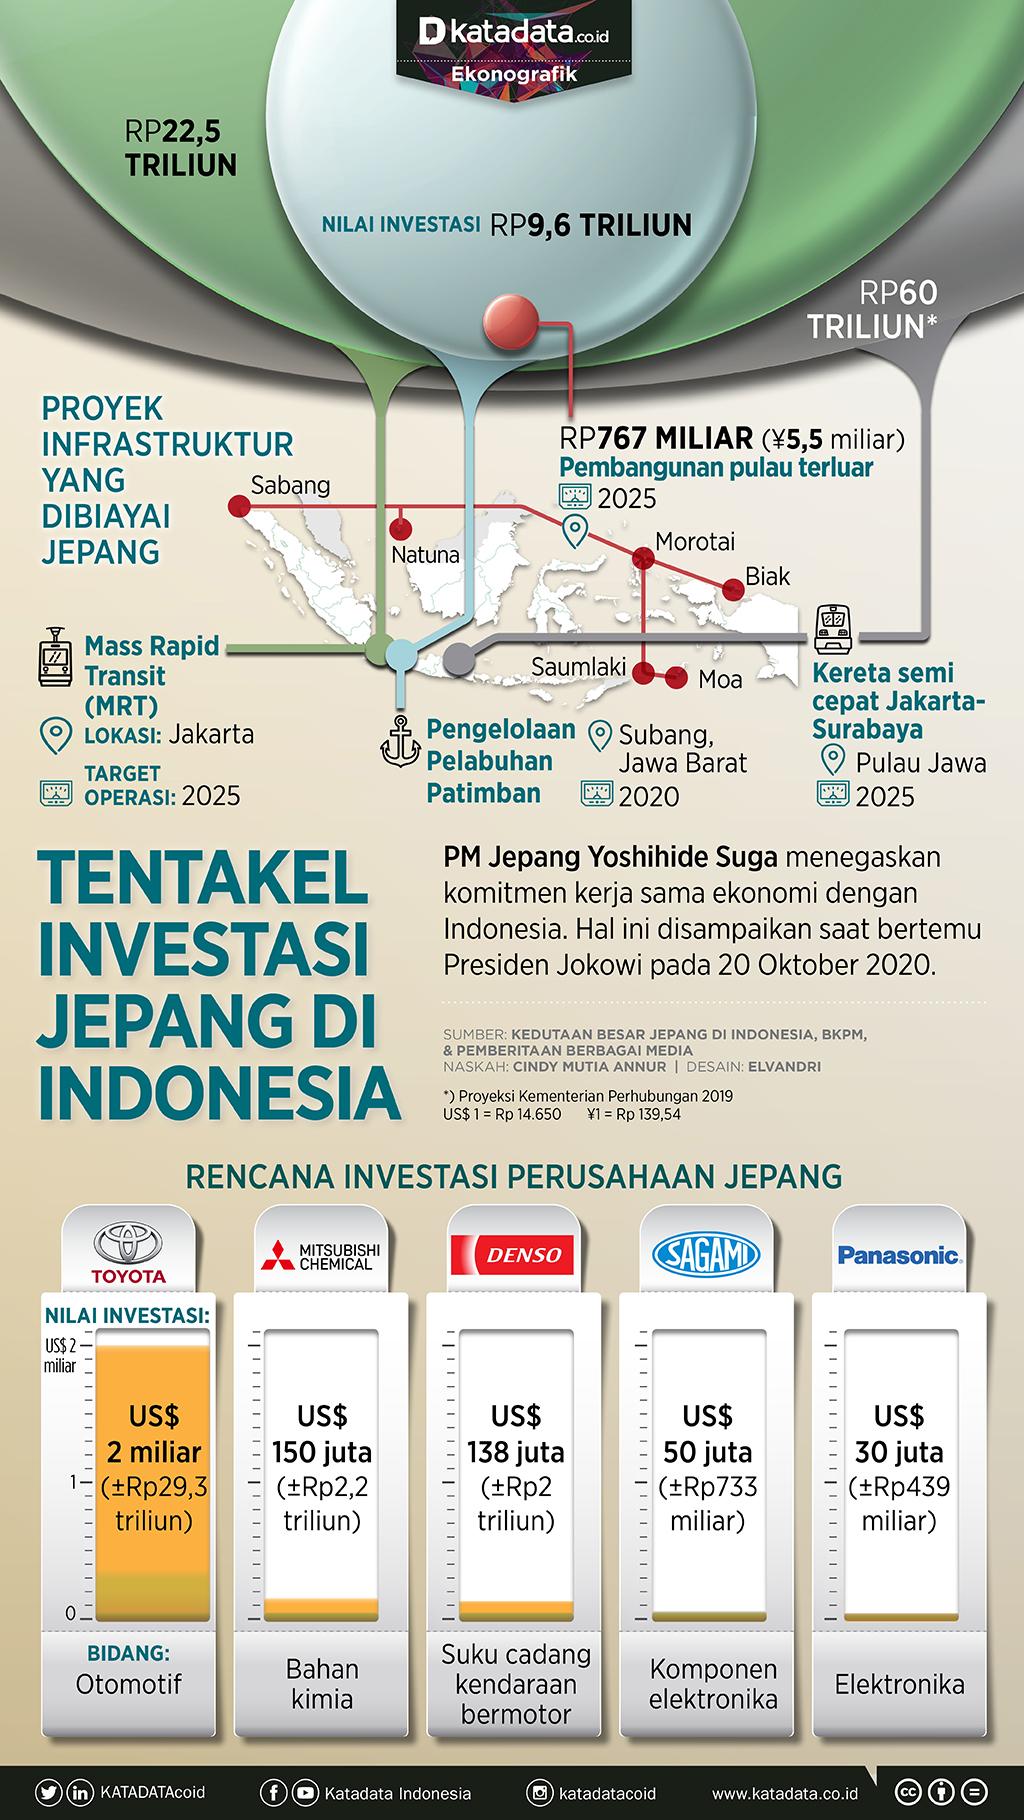 Infografik_Tentakel investasi Jepang di Indonesia